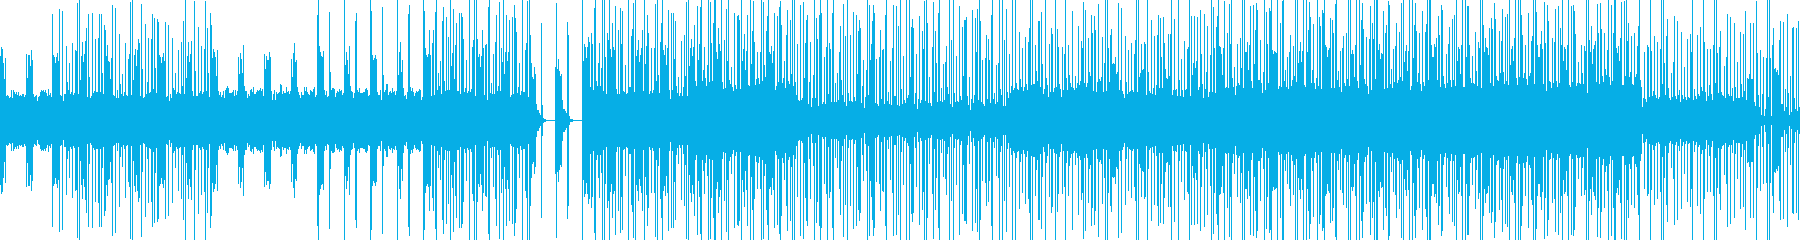 穏やかでクリック音が特徴的なニカの再生済みの波形